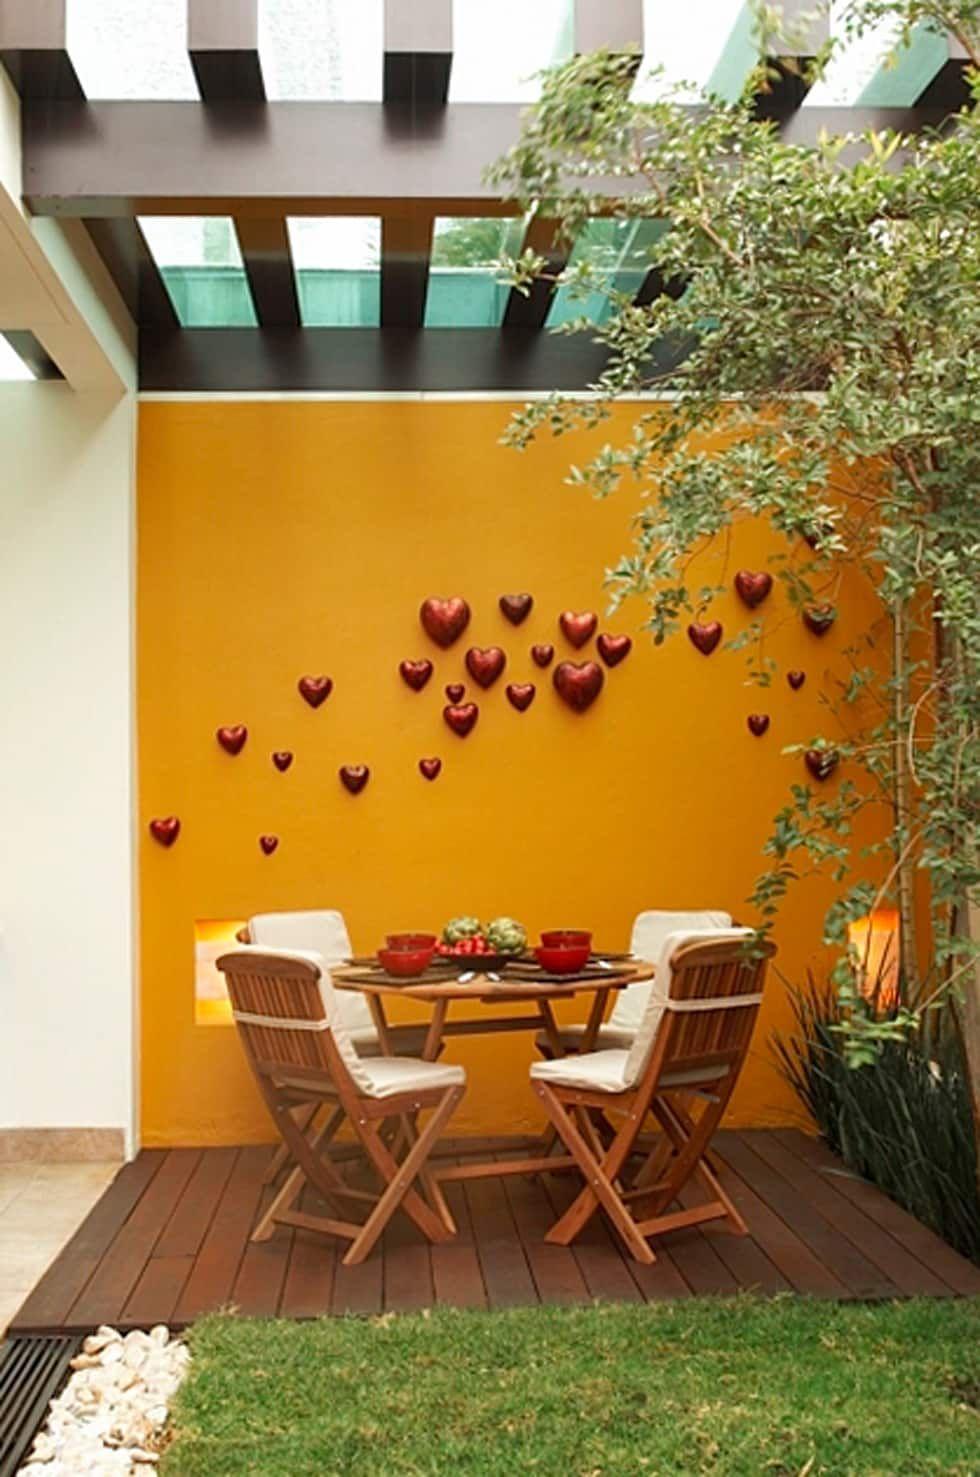 Ideas, imágenes y decoración de hogares | Patios, Decorative ...